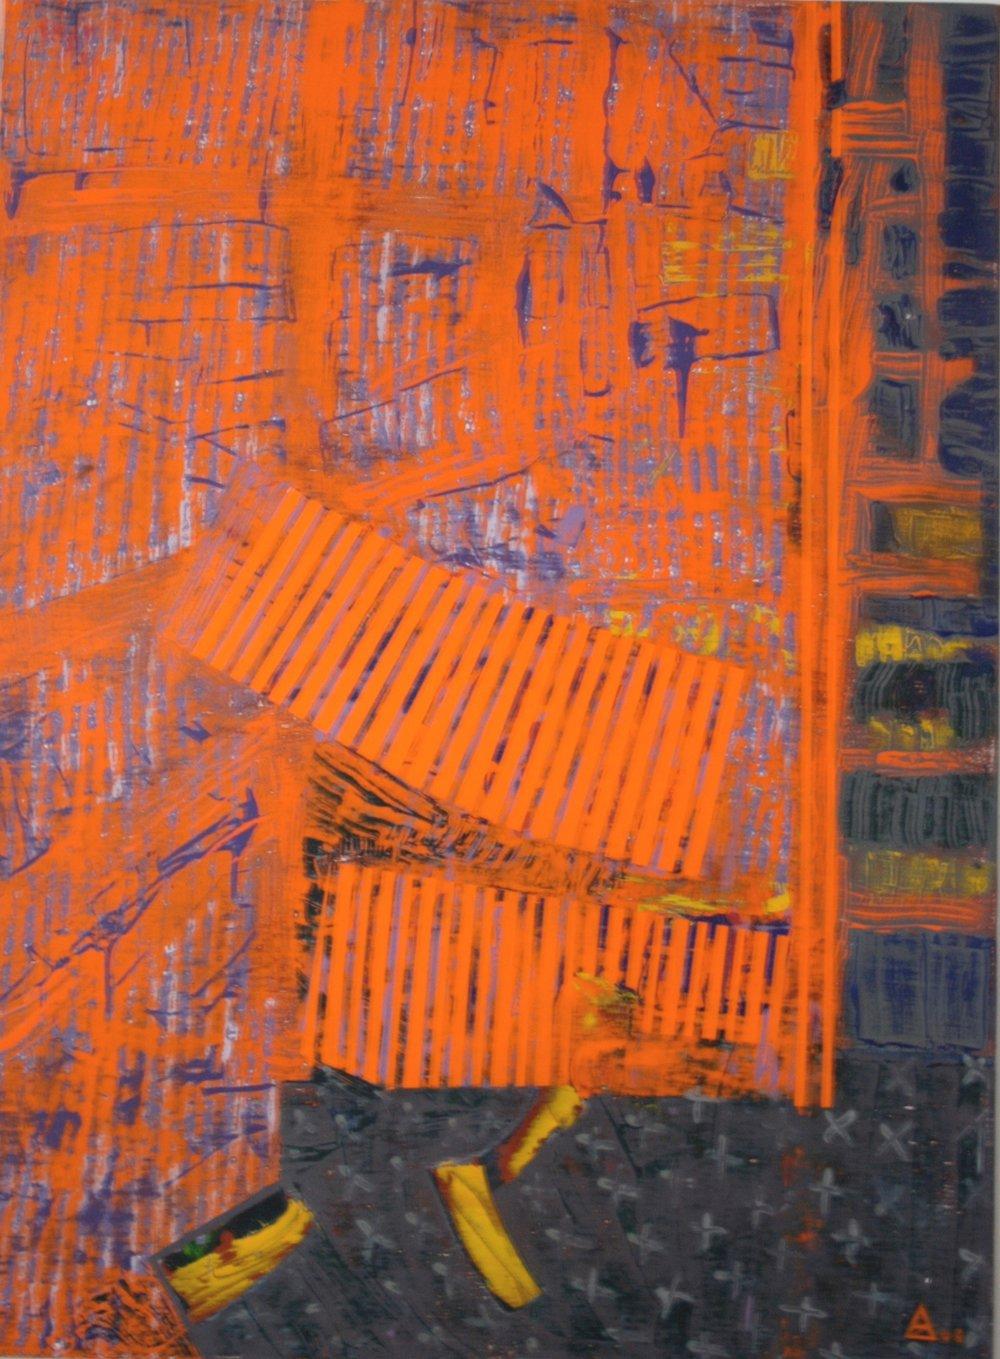 Annick-Orange-130x97.jpg